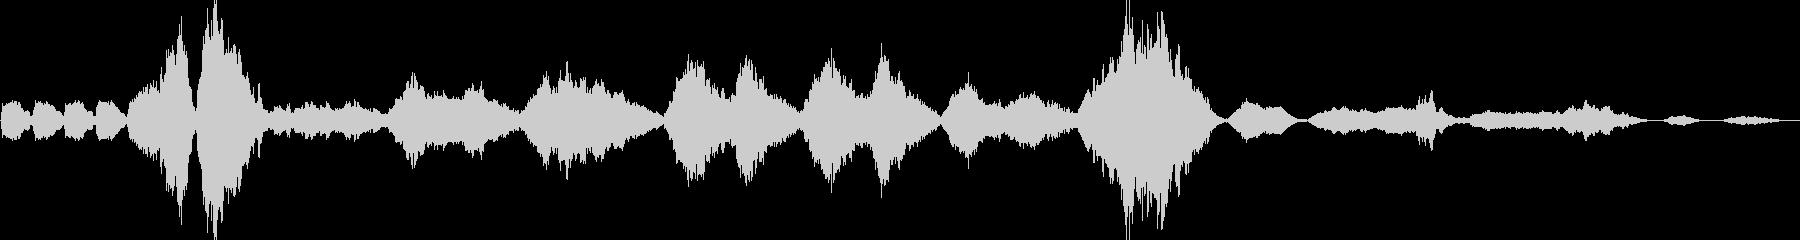 交響曲第9番「新世界より」第2楽章の未再生の波形